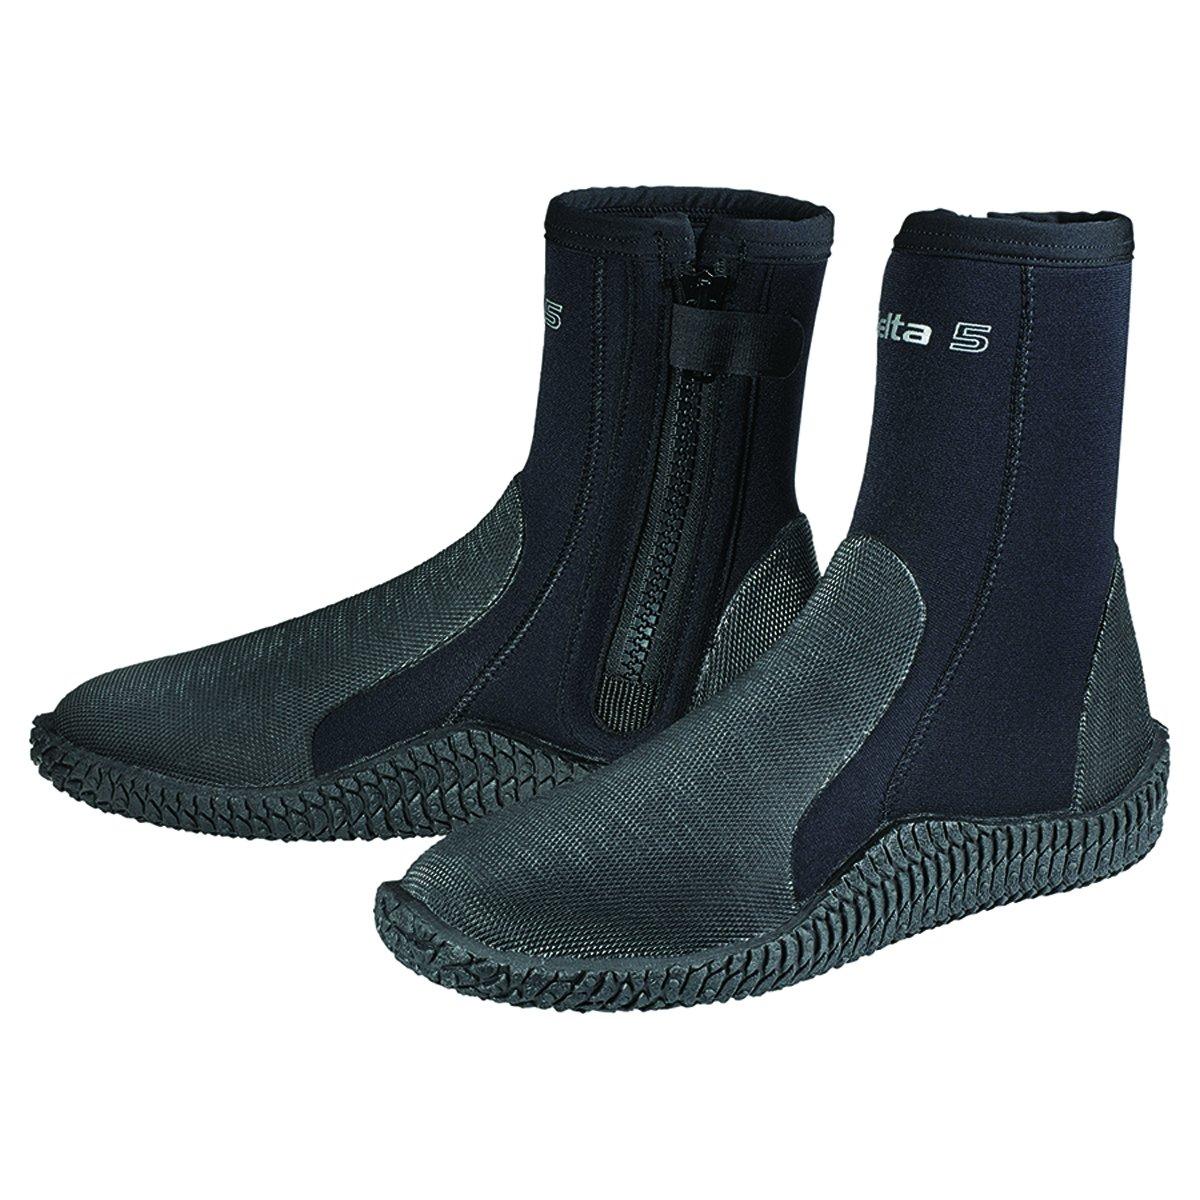 Boots Delta 5 mm